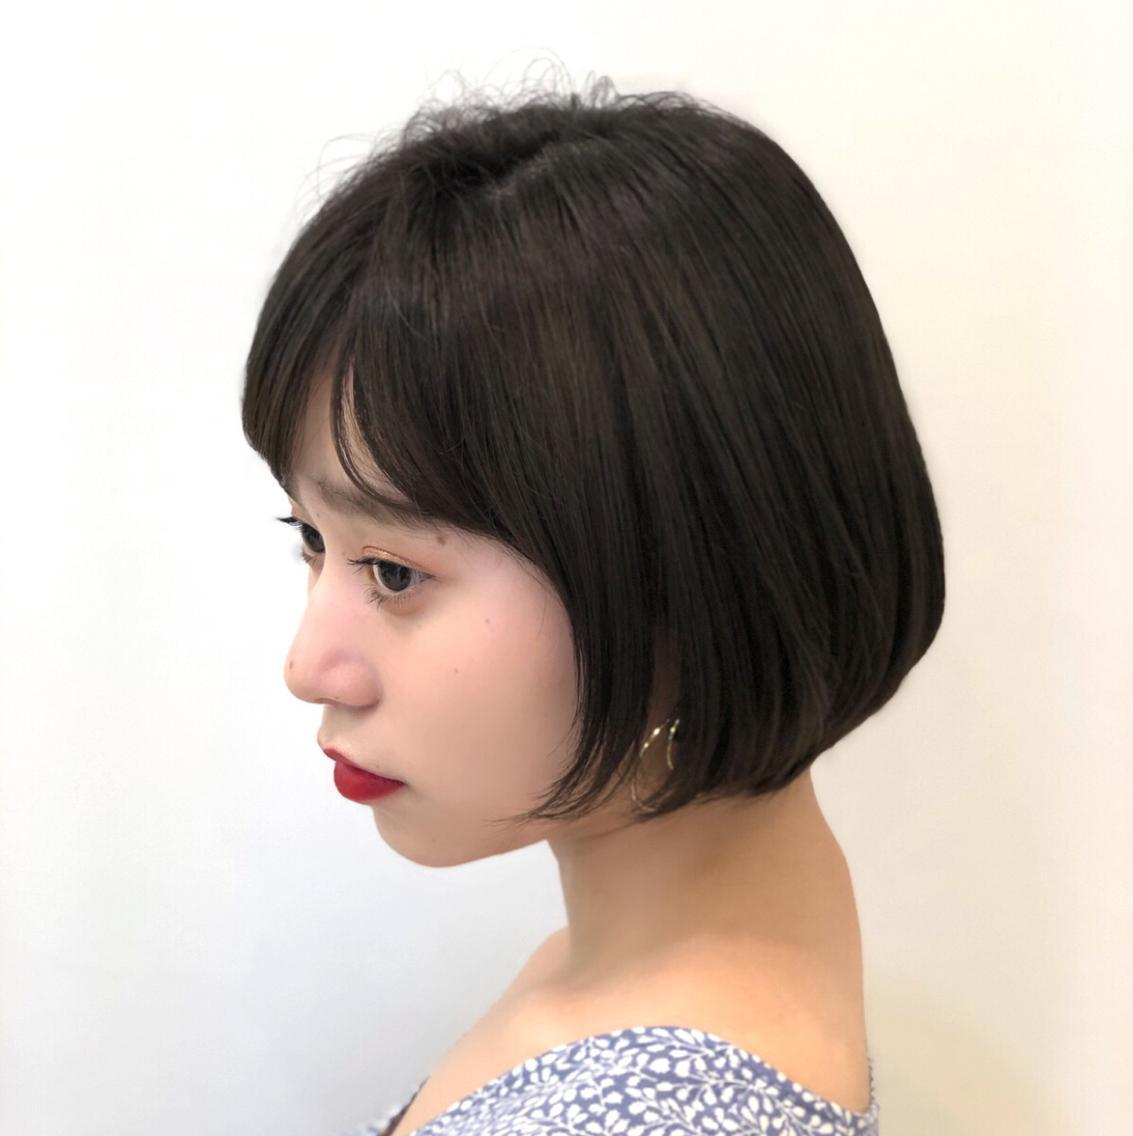 ストカールのモデルさんを募集しています!8月21日(通常料金20,520円が無料)